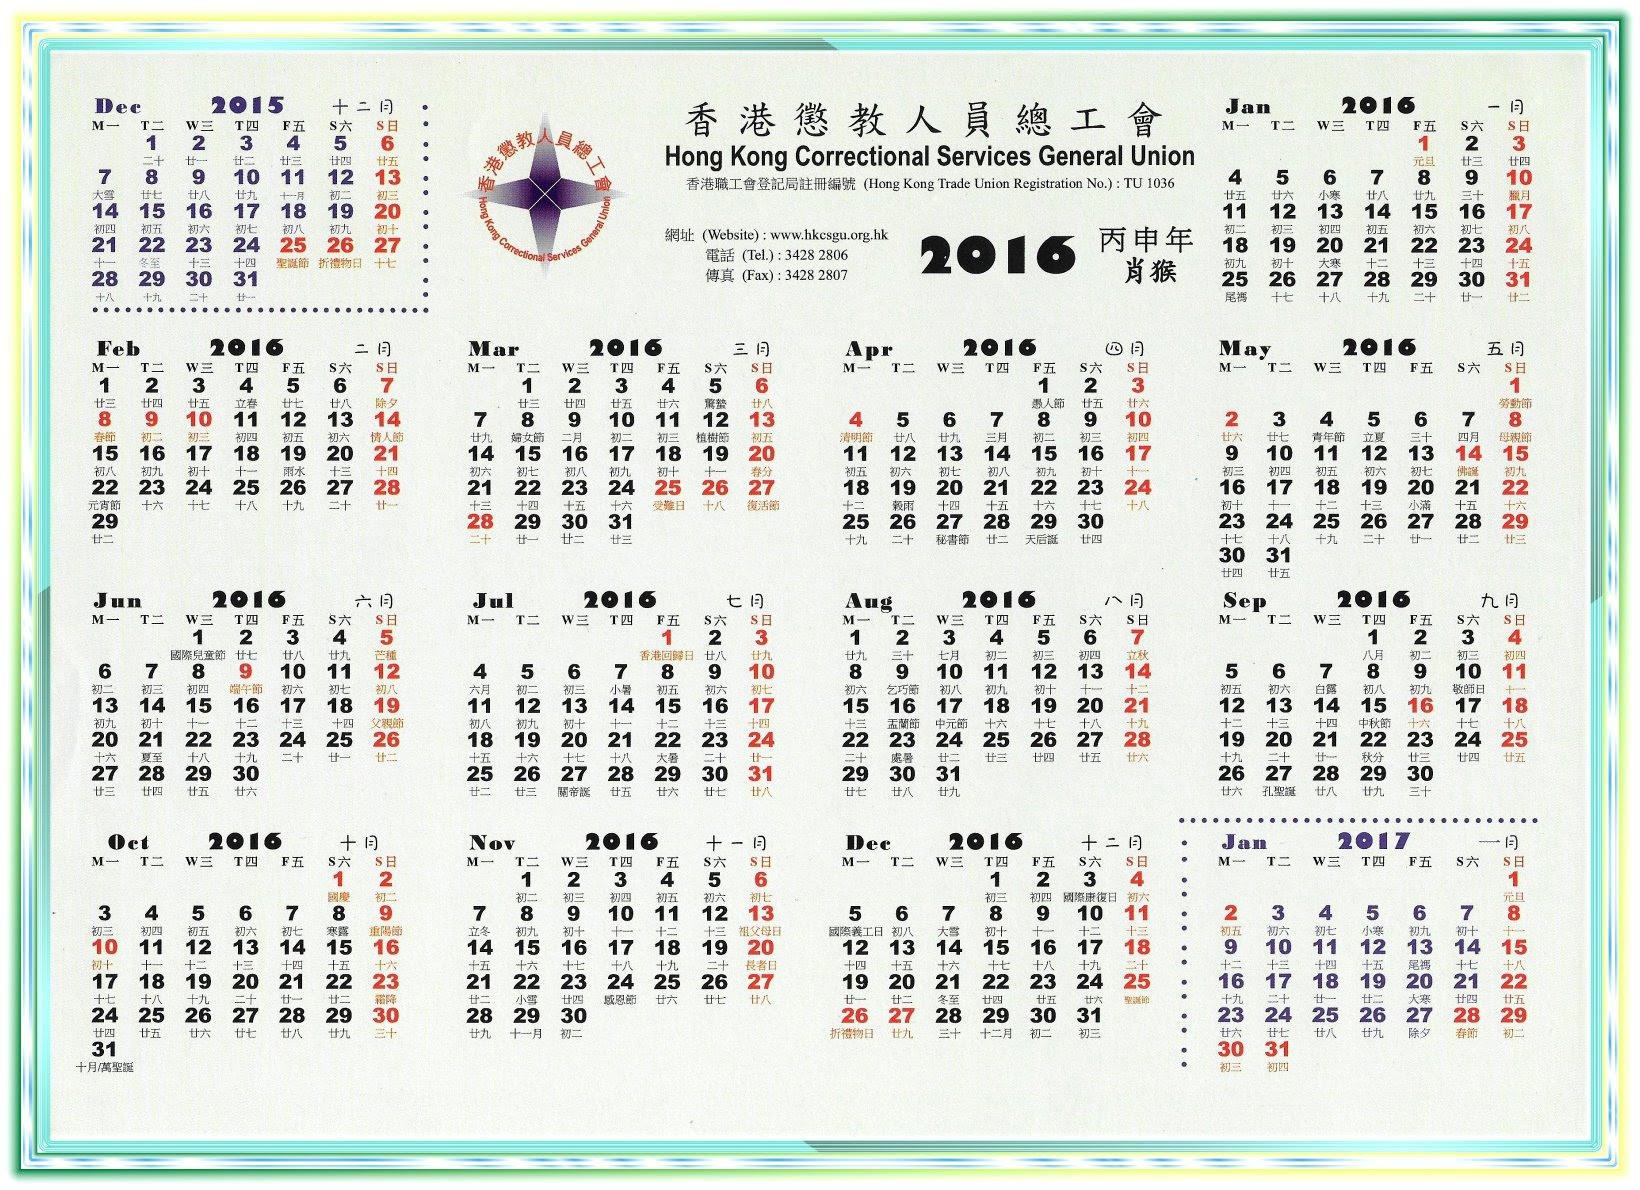 2017 Calendar Hong Kong – 2017 Calendar